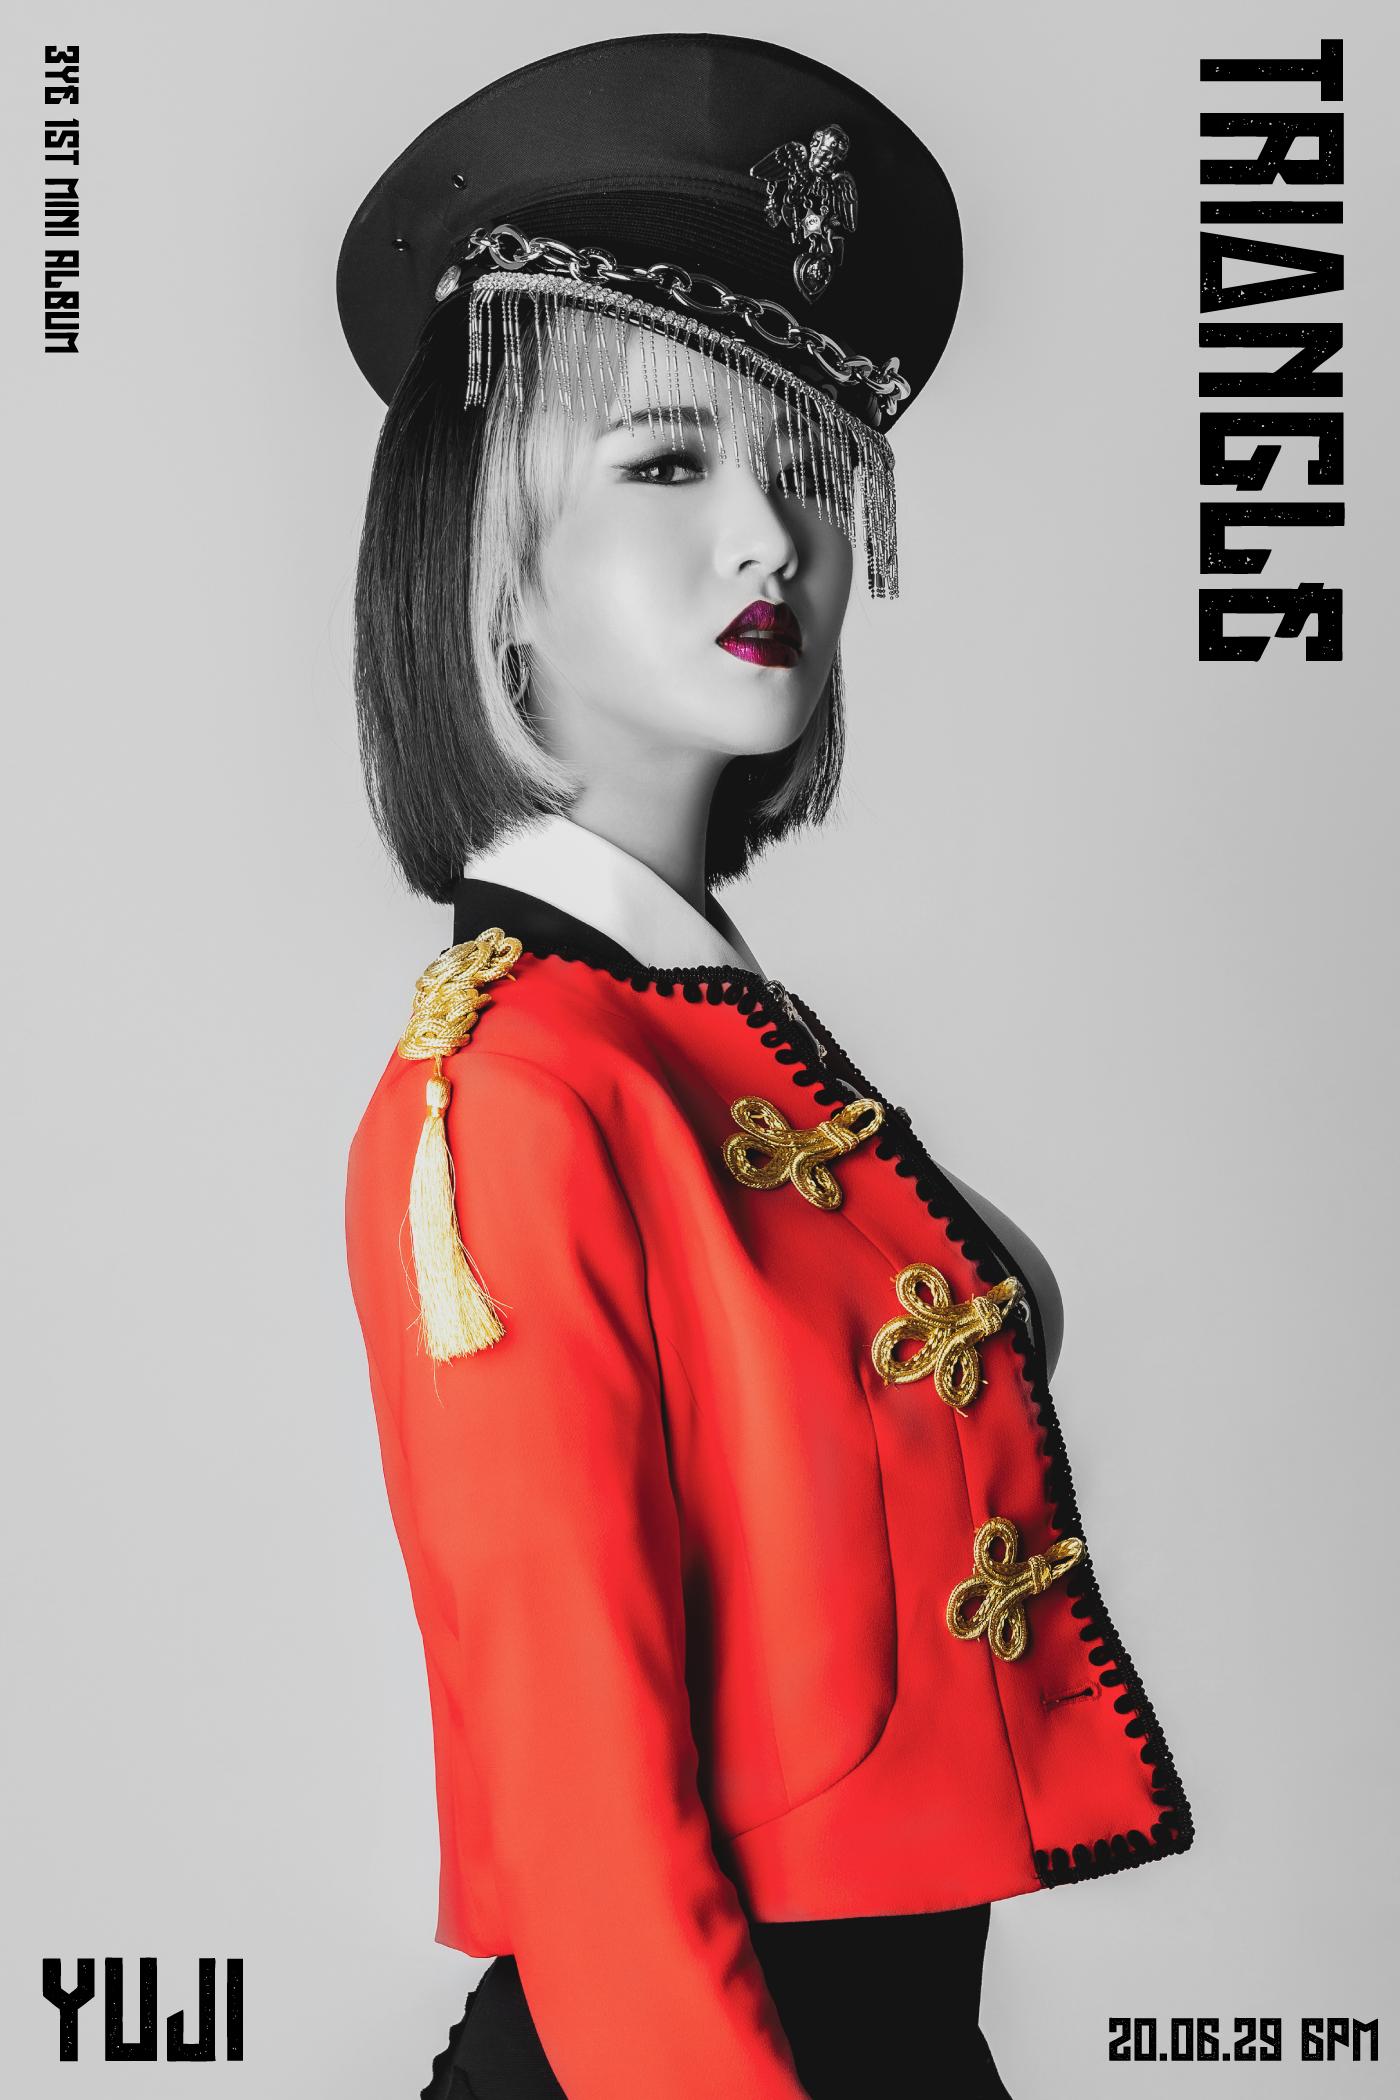 Son Yu Ji